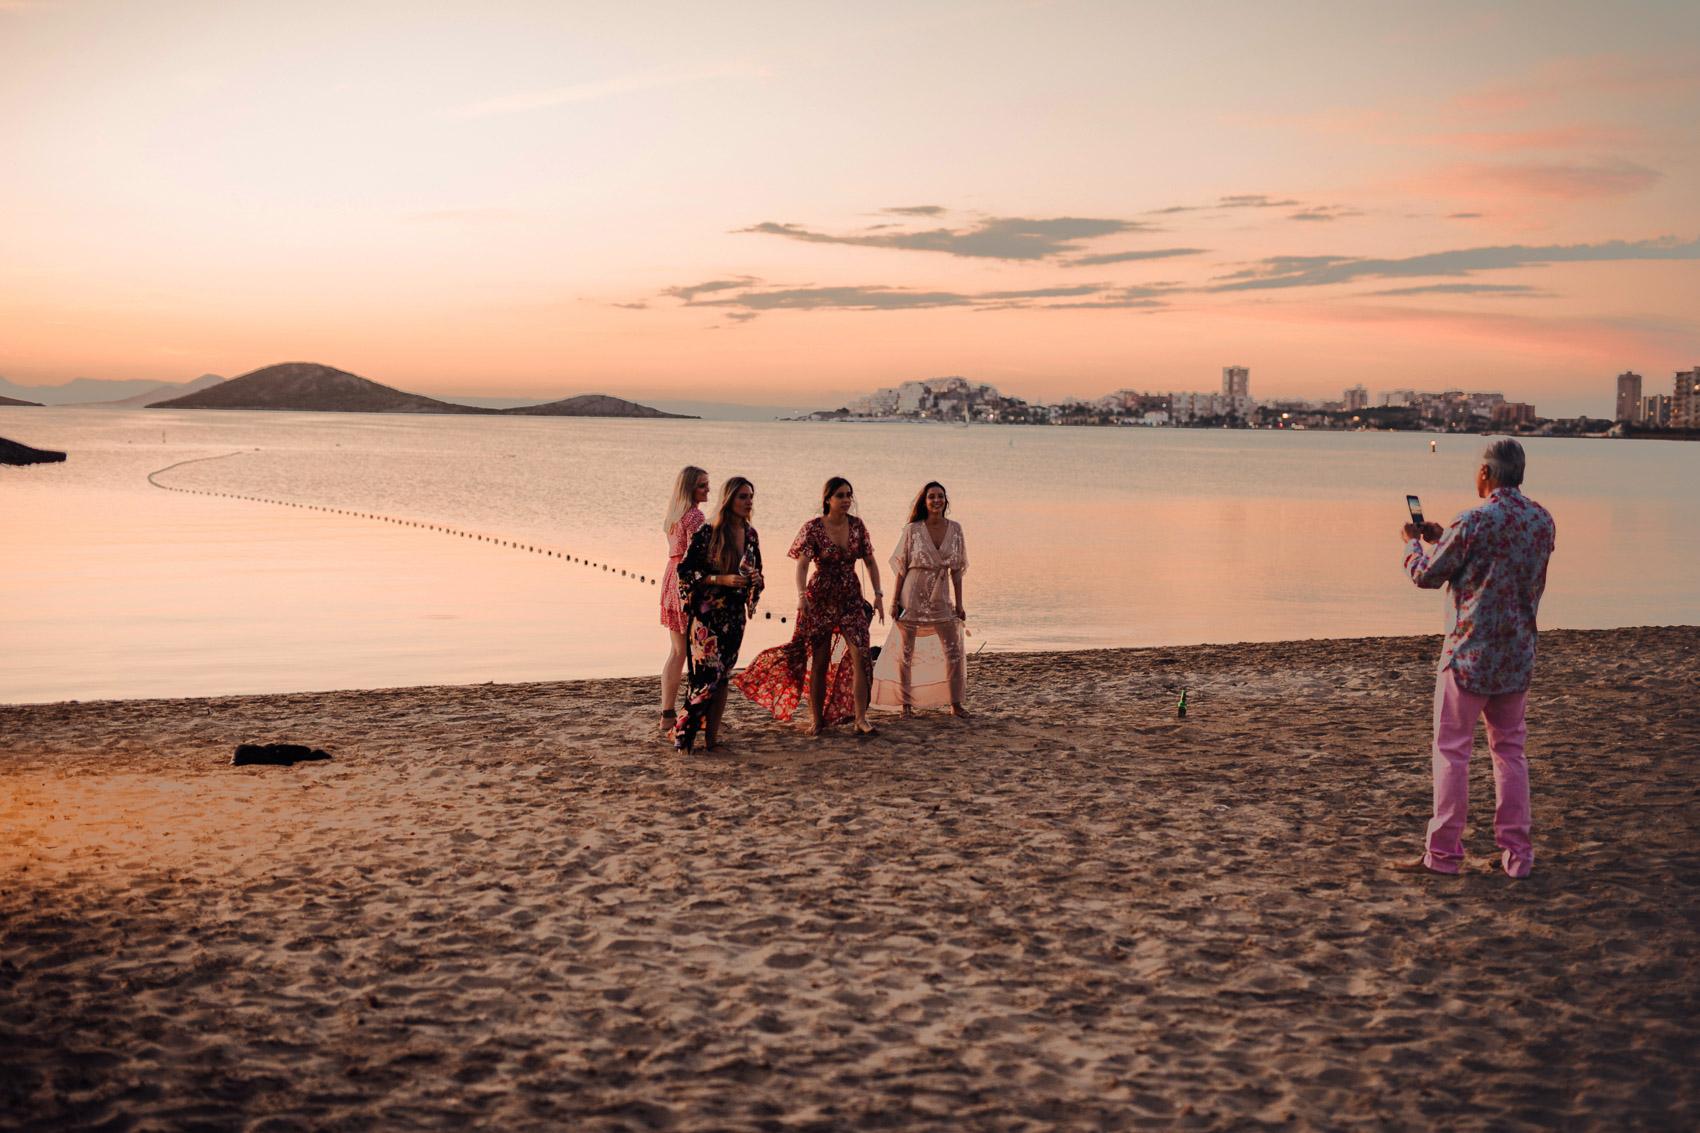 fotografia vistas mar manga atardecer invitadas perfectas